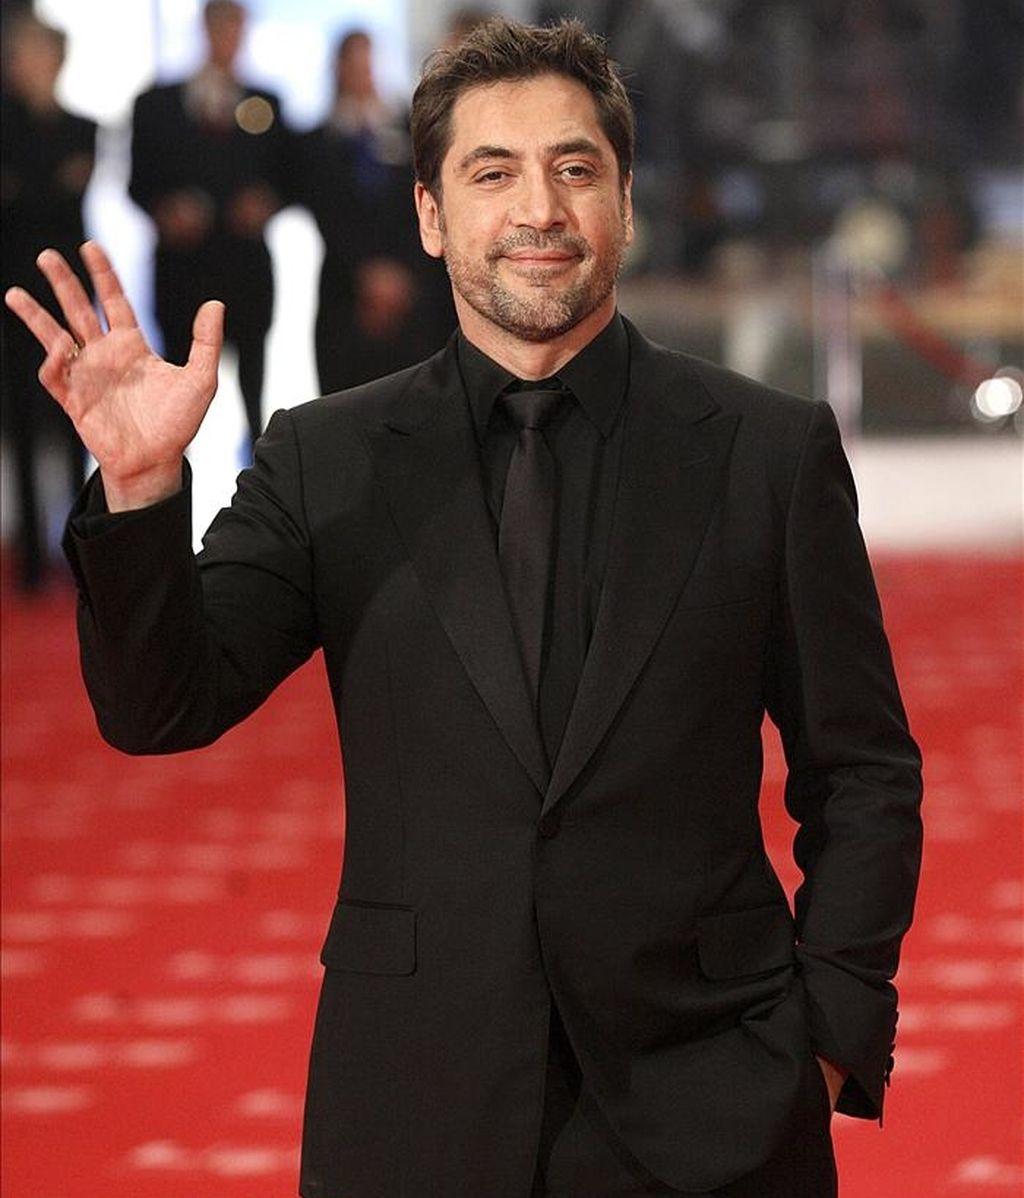 El actor Javier Bardem. EFE/Archivo